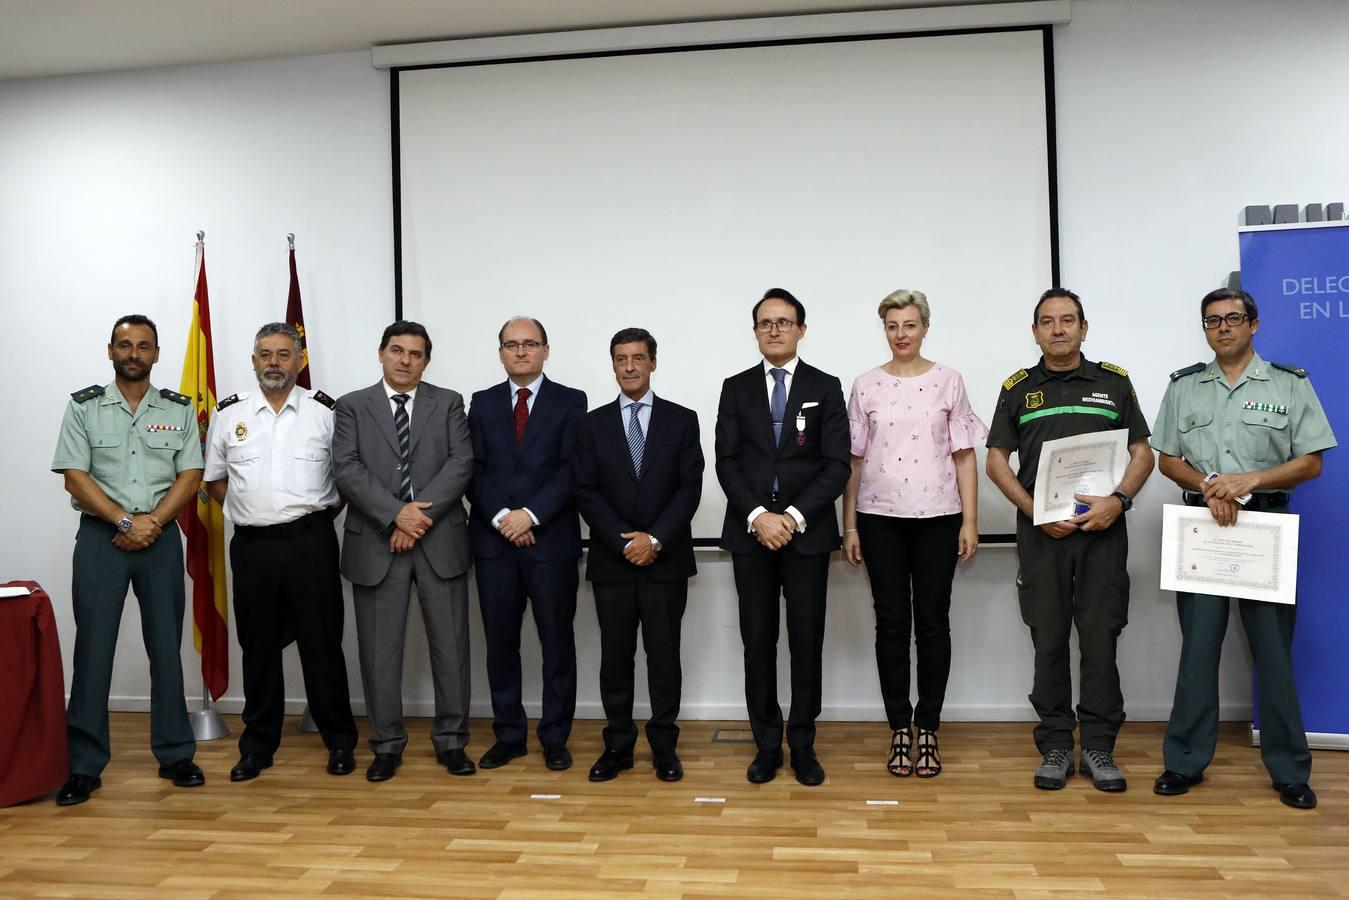 Entrega de las Medallas al Mérito de la Protección Civil